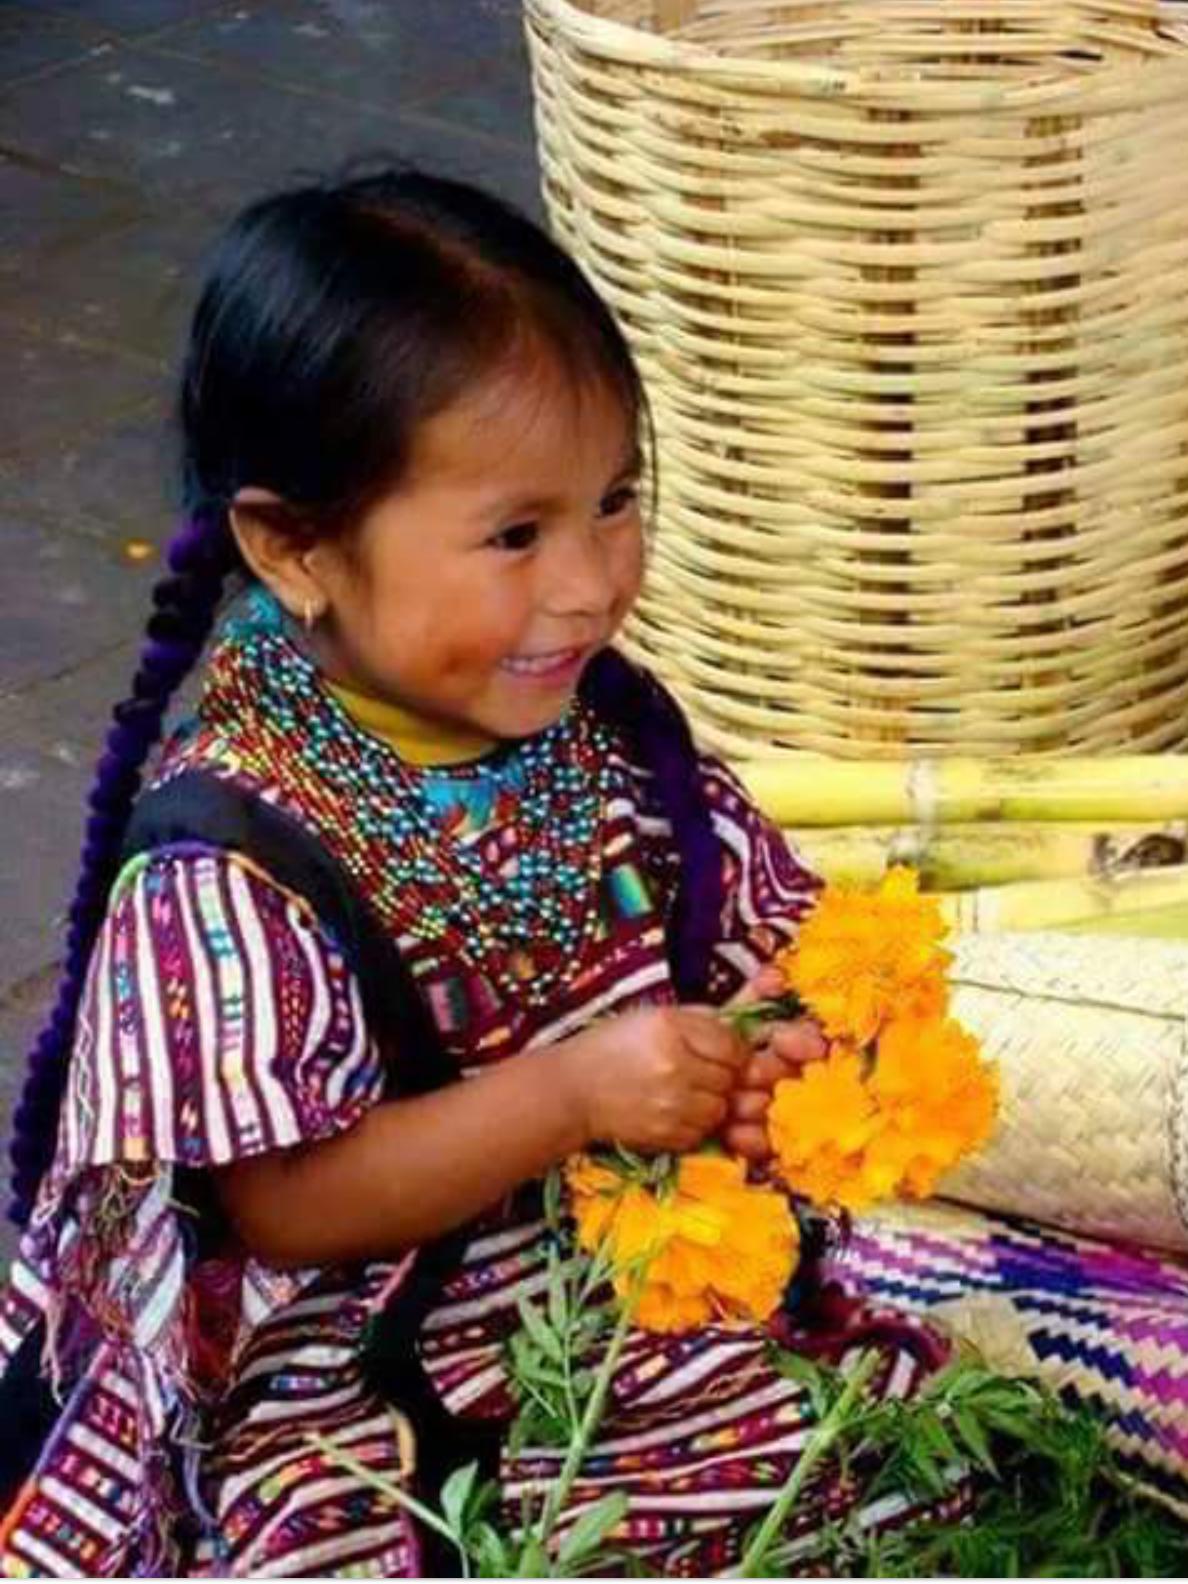 Hermosa niña mexicana jugando con flores de zempaxuchil